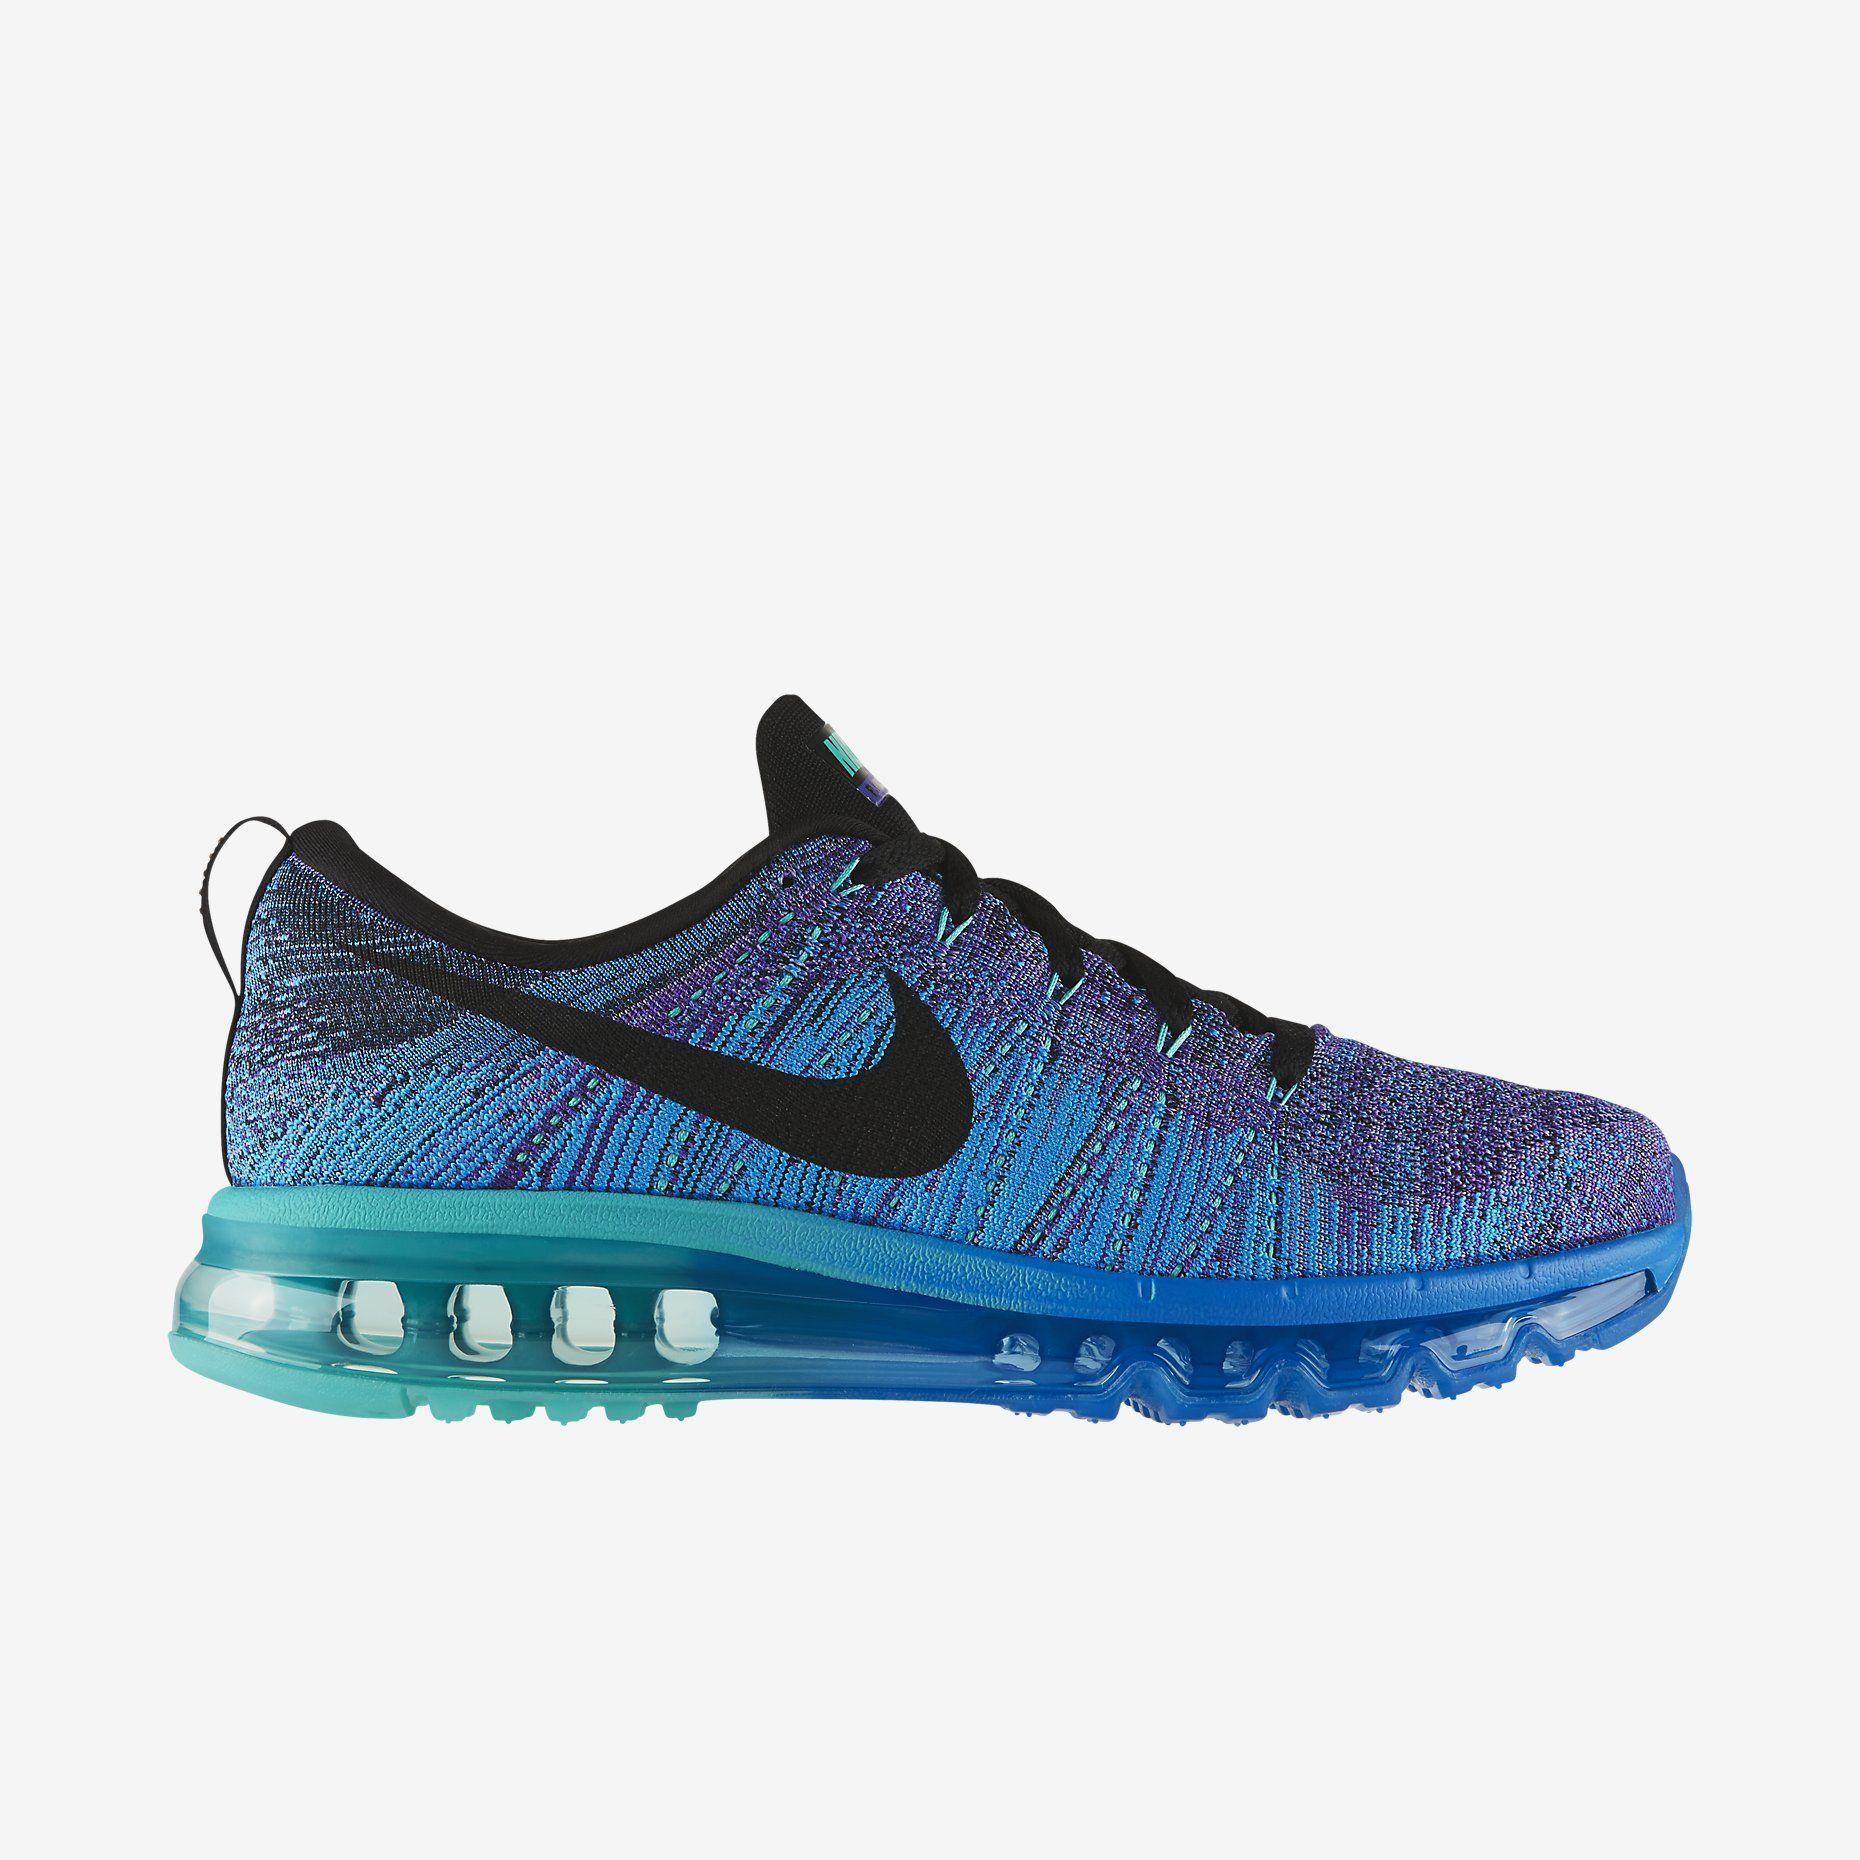 Nike Air Max Hombre Flyknit Zapato Corriente. Stor Nike descuento descuento grande 9LBUU0